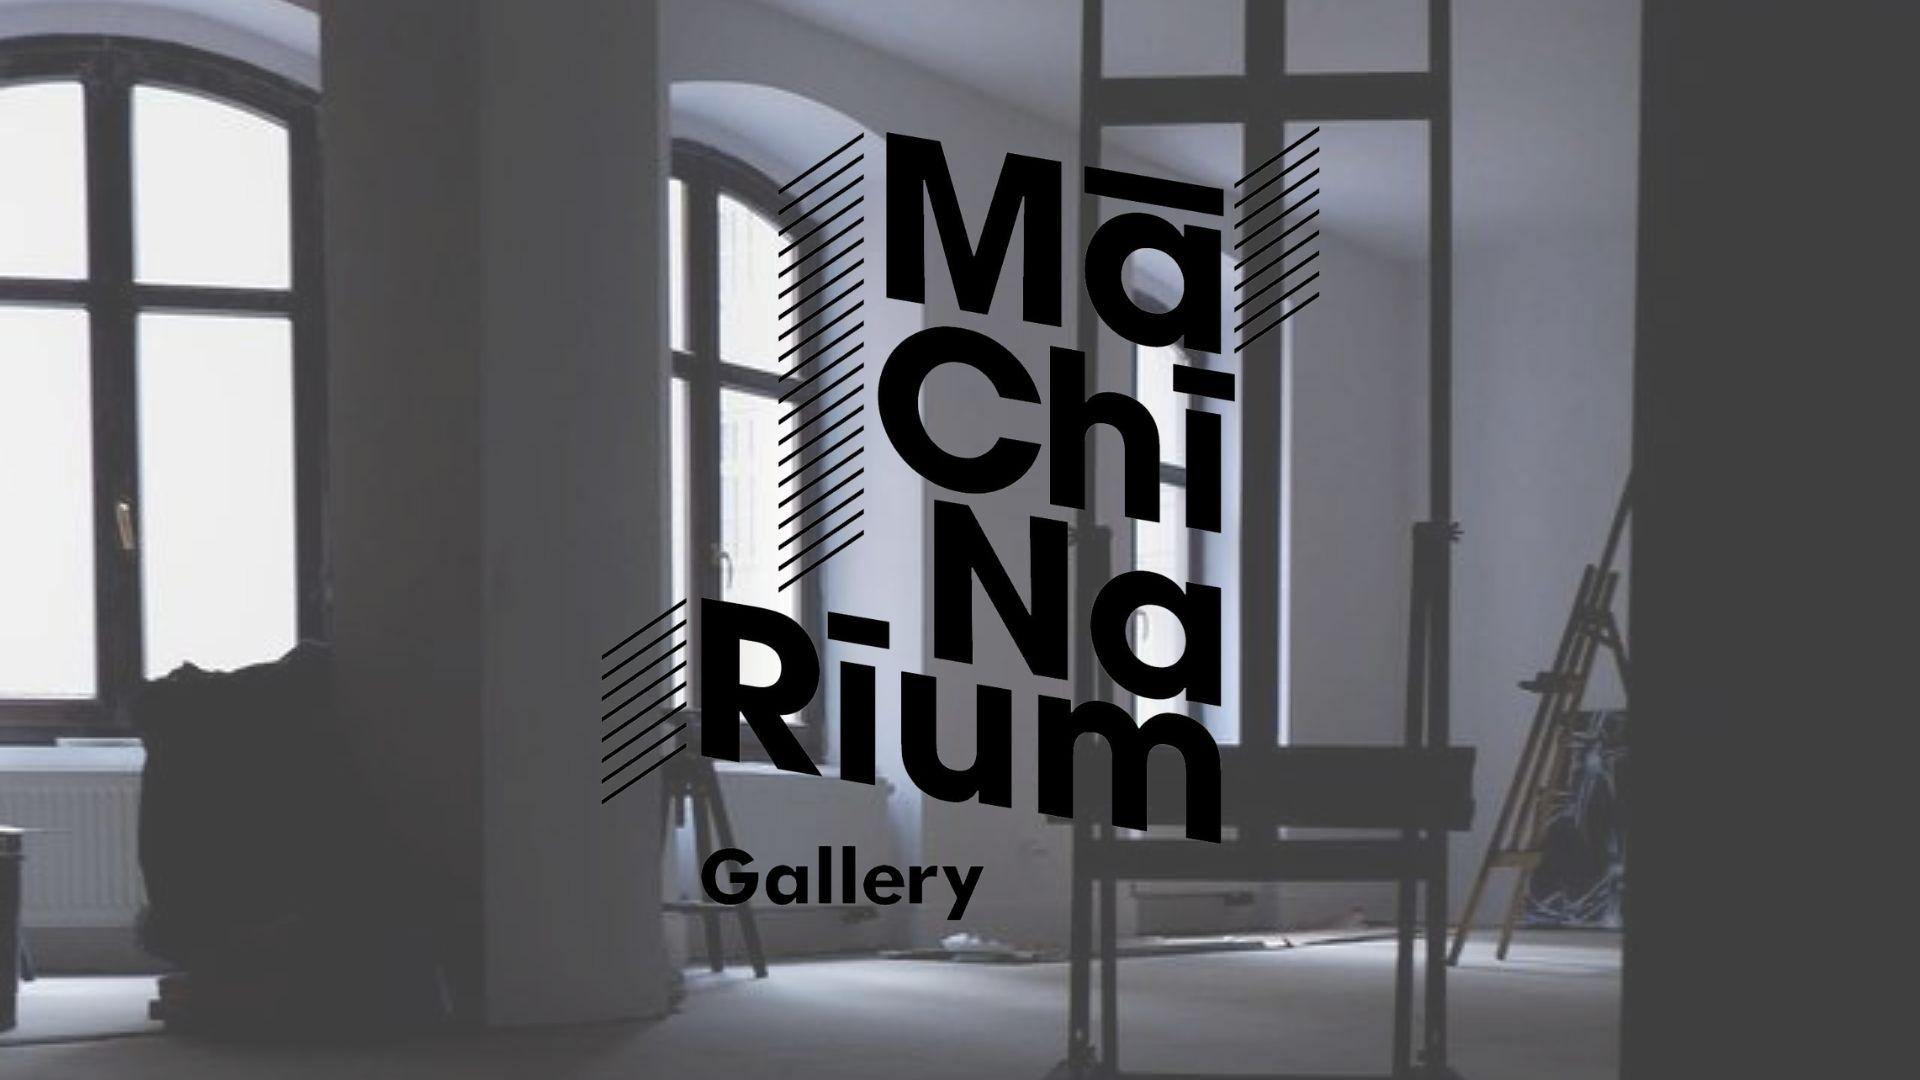 Machinarium Gallery; tam, gdzie tatuaż spotyka sztukę